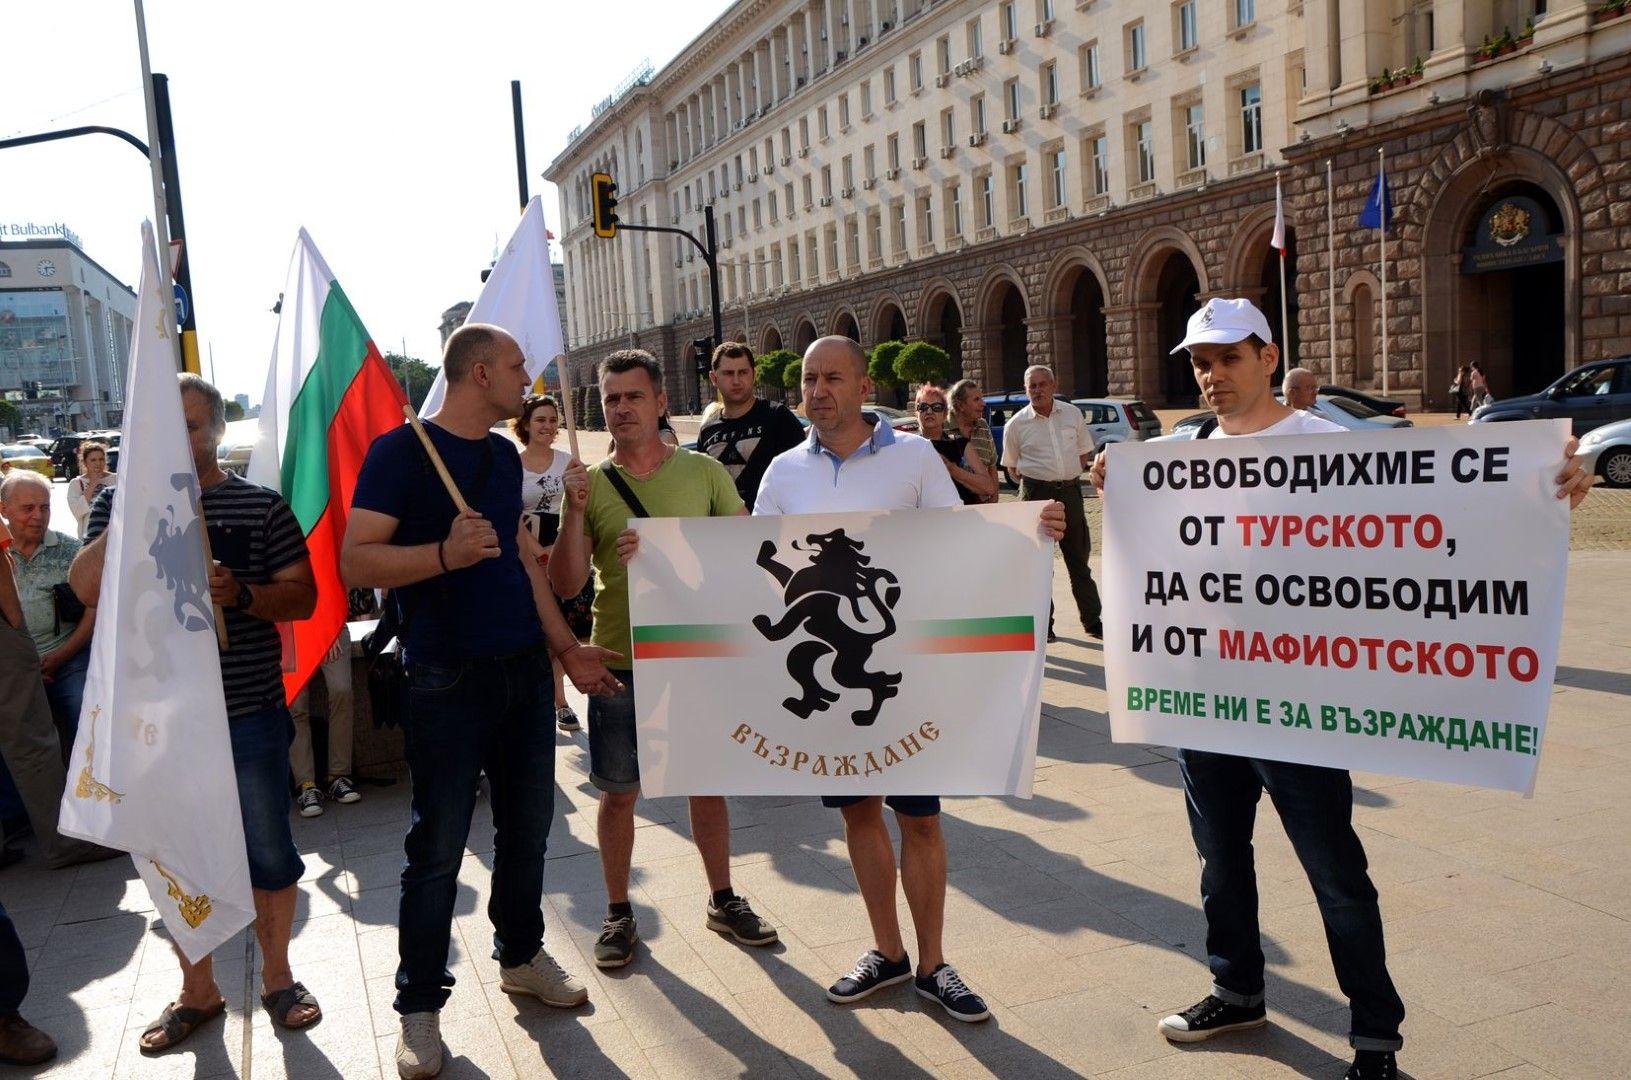 """Организаторите бяха неправителствената организация """"Ние, Гражданите"""" и партия """"Възраждане"""""""